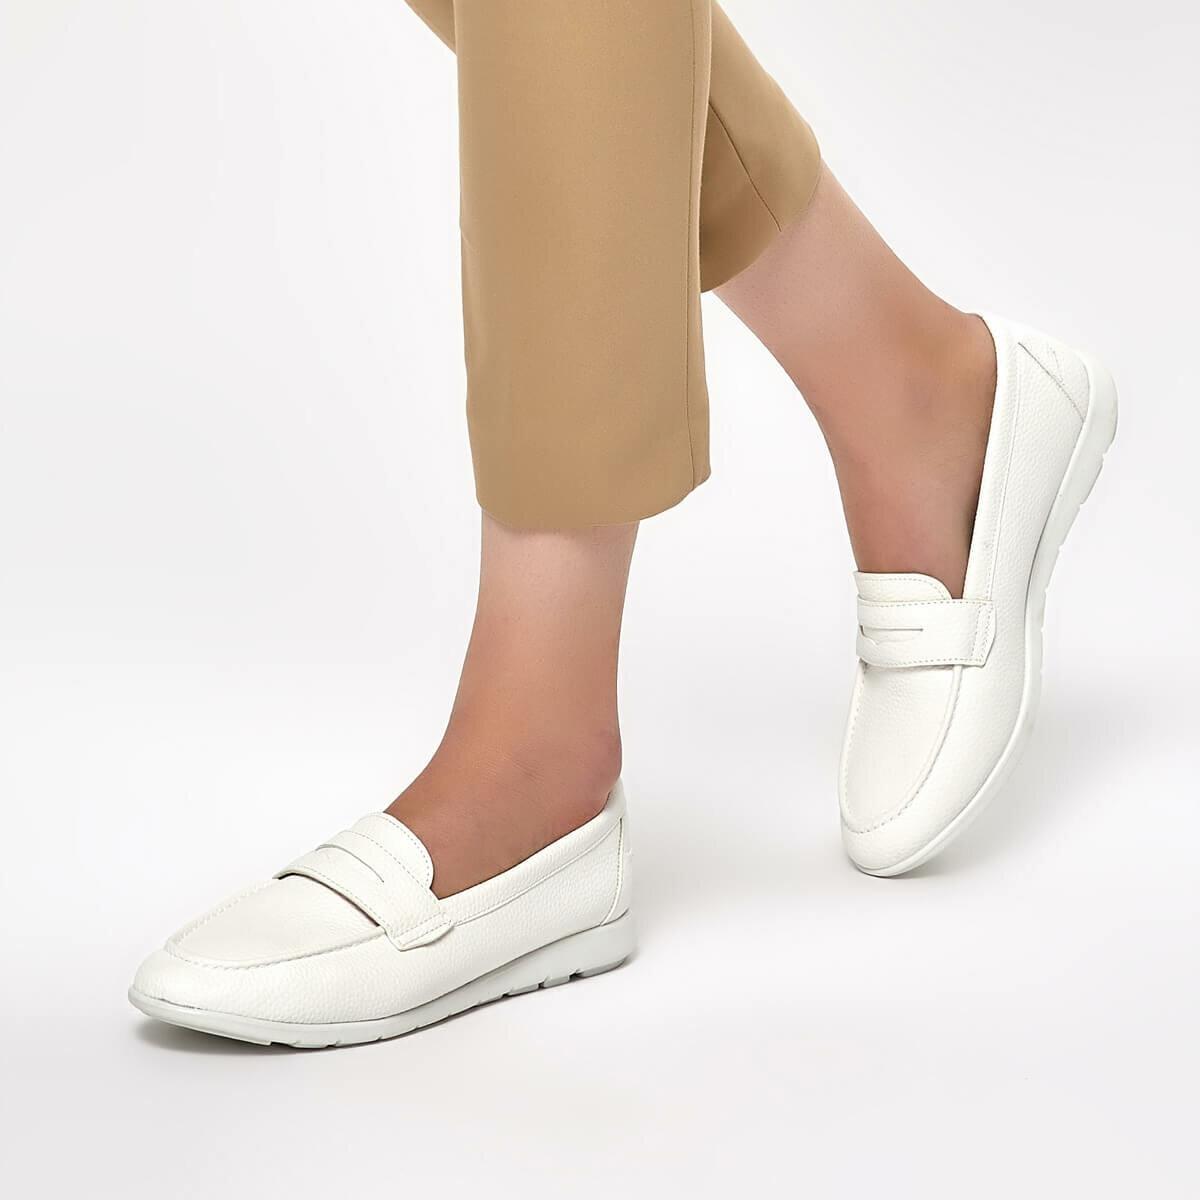 FLO 91.313037.Z White Women Loafer Shoes Polaris